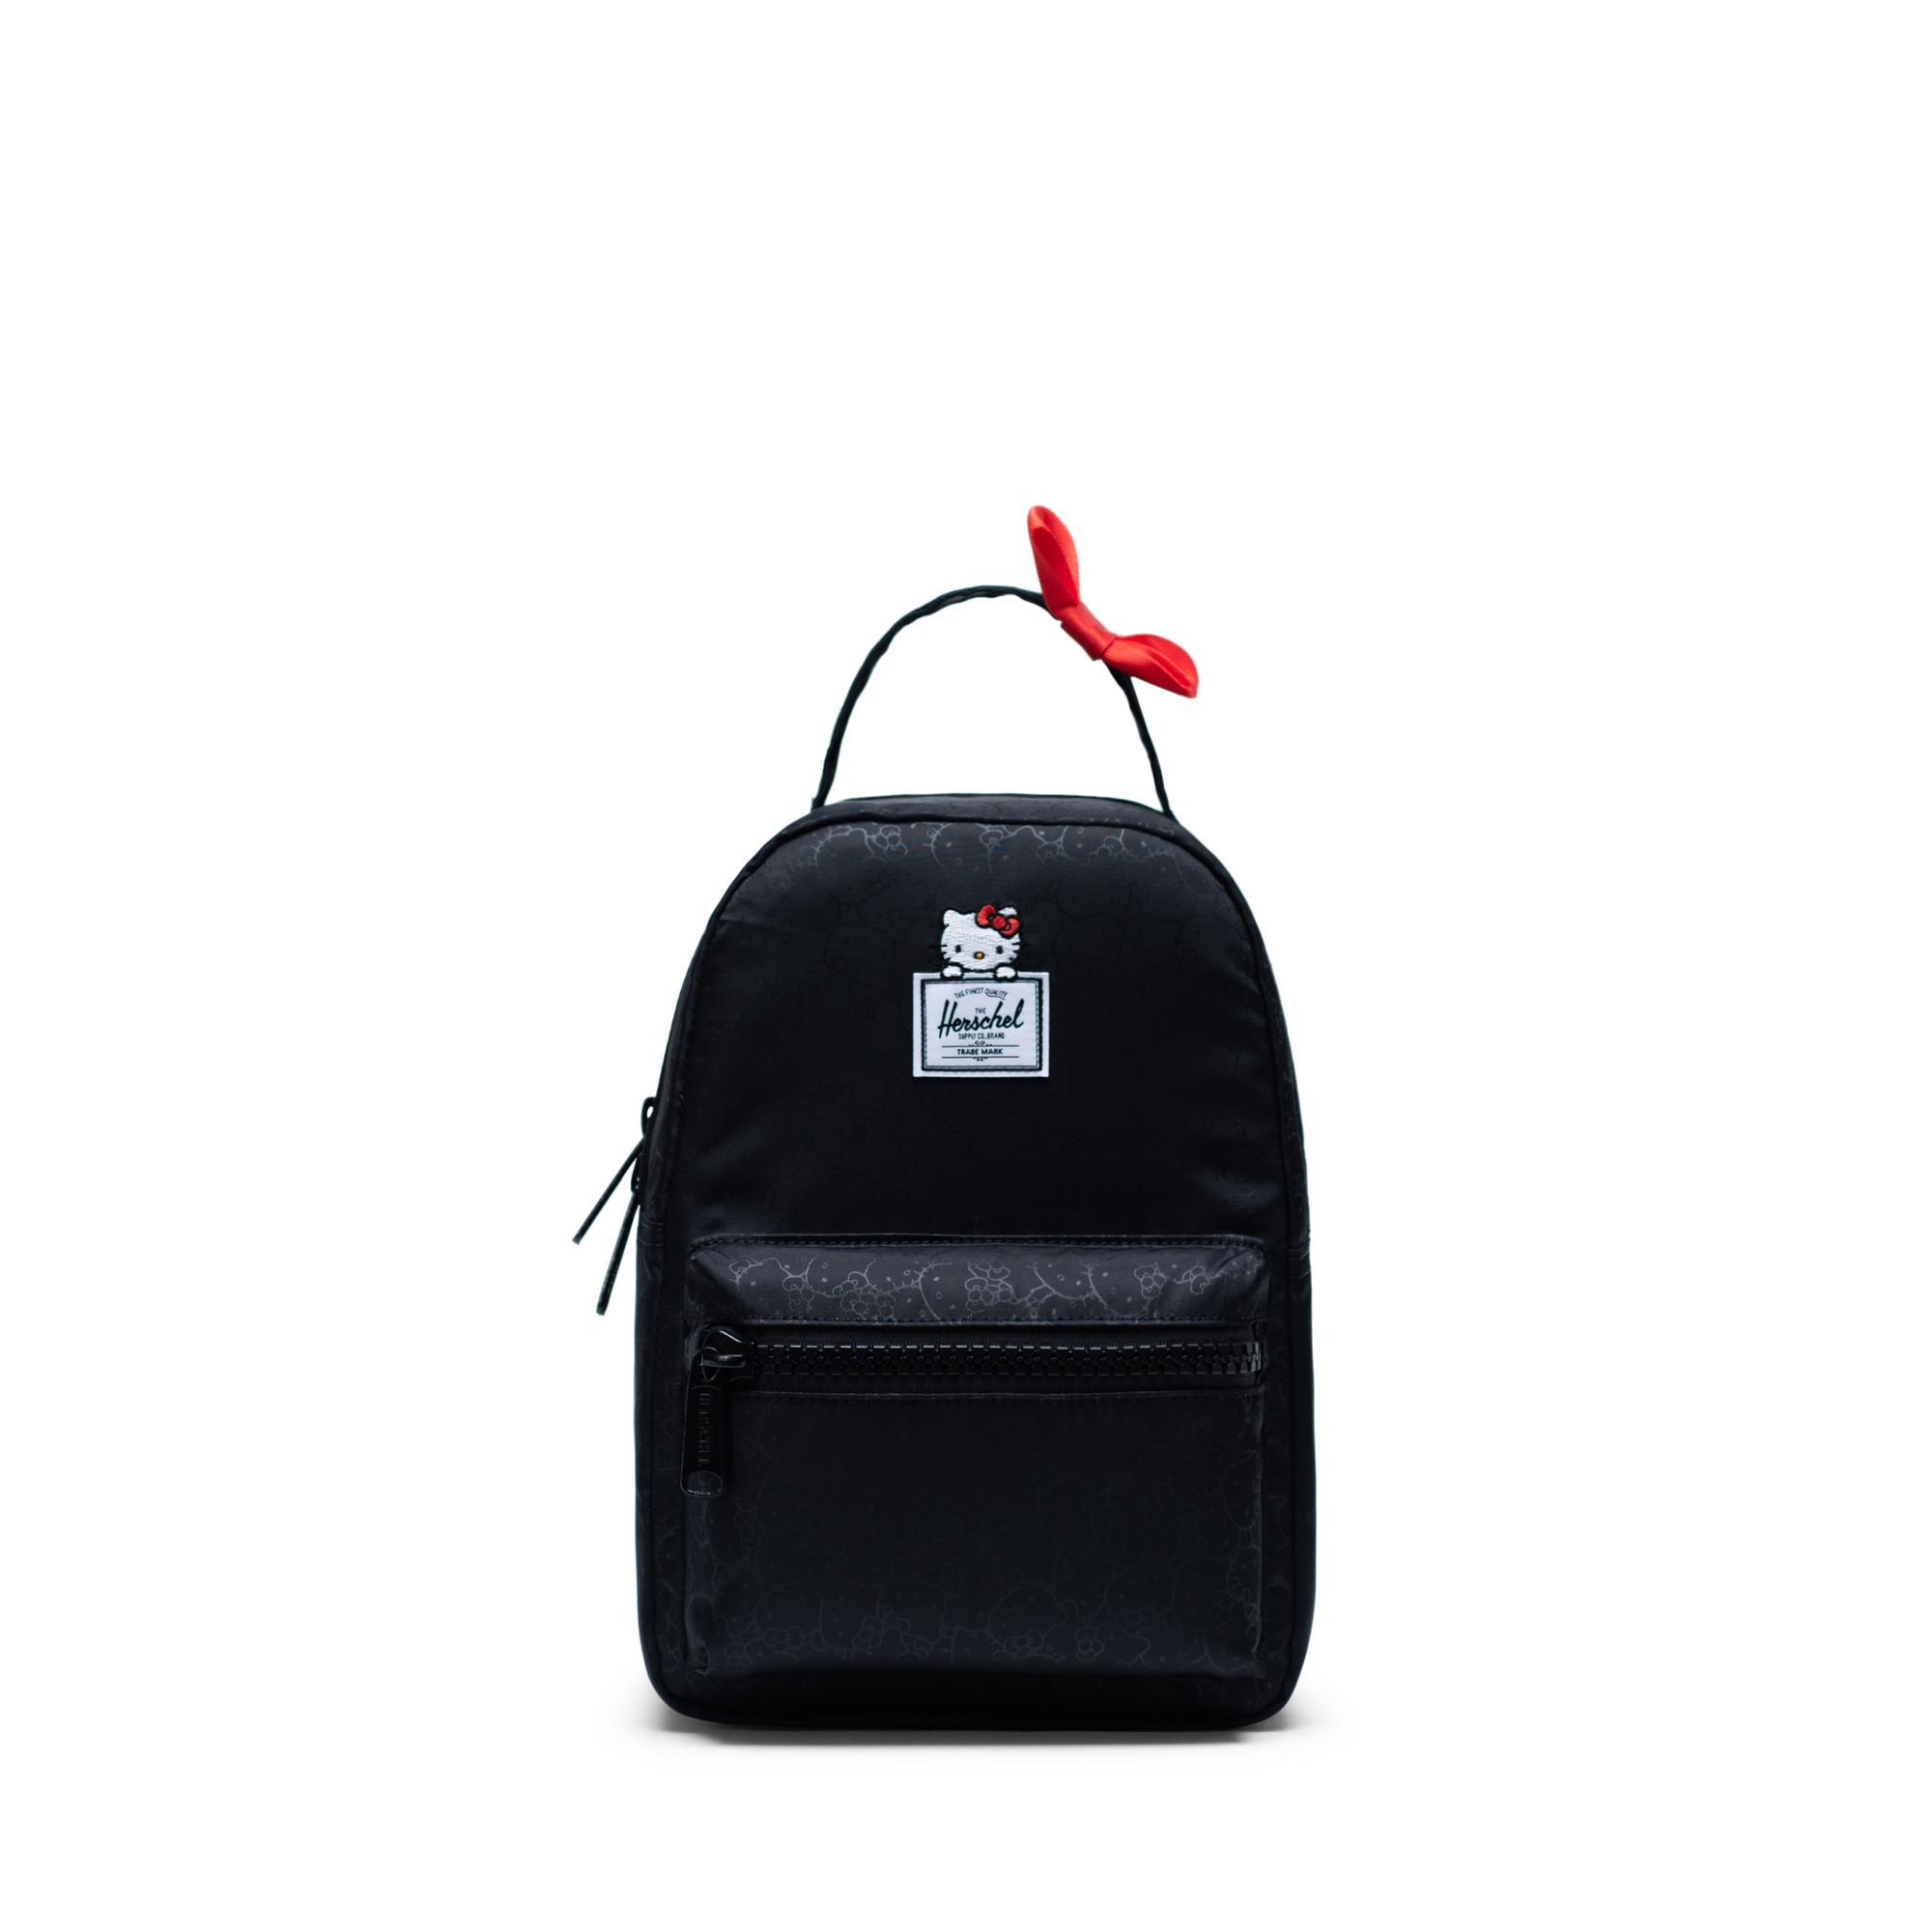 0a321bb83cd Nova Backpack Mini Hello Kitty